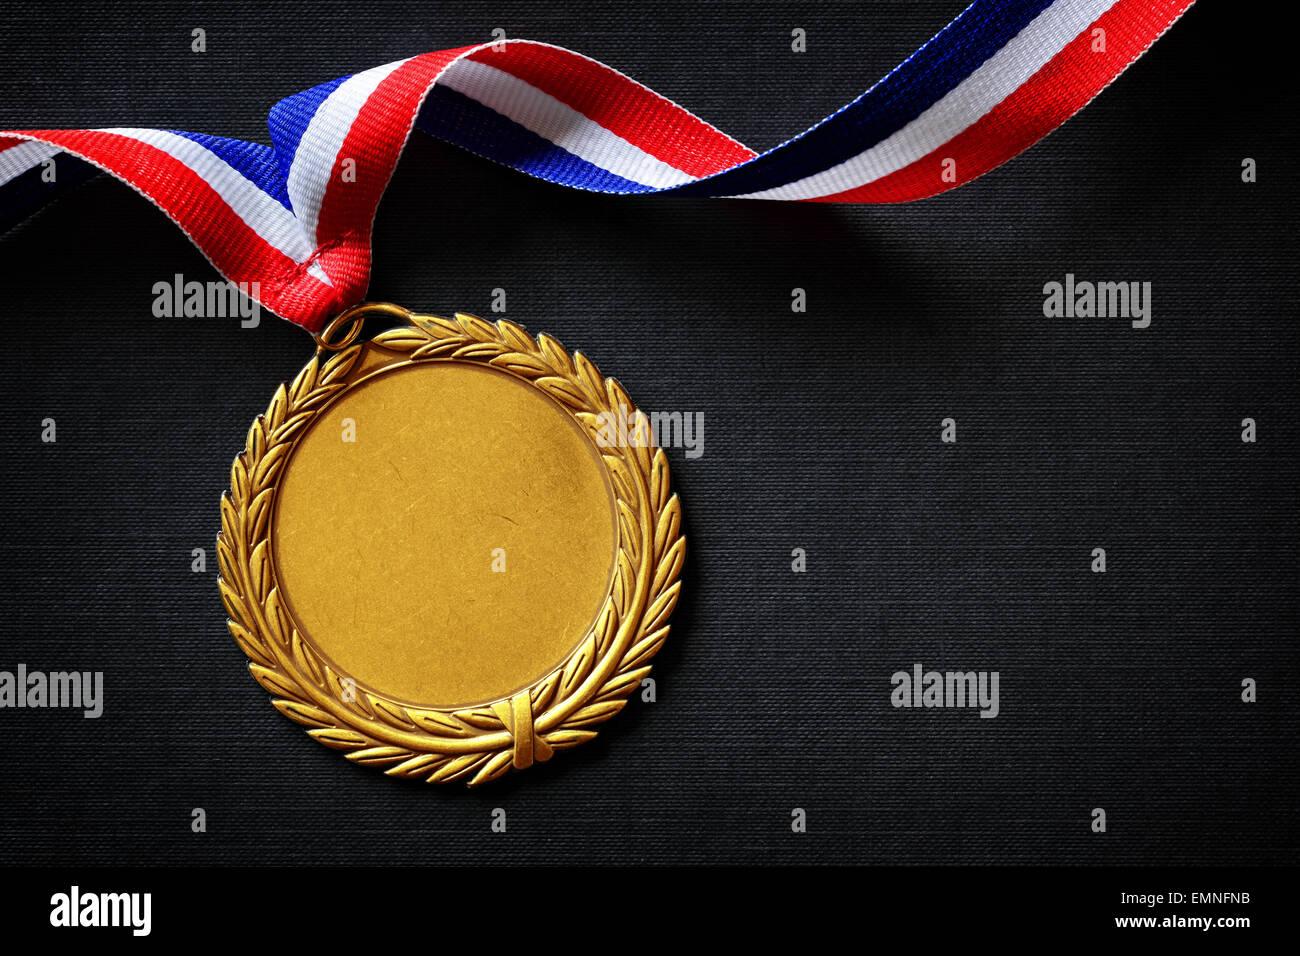 Medalla de Oro en negro con rostro en blanco para texto, concepto para ganar o éxito Imagen De Stock